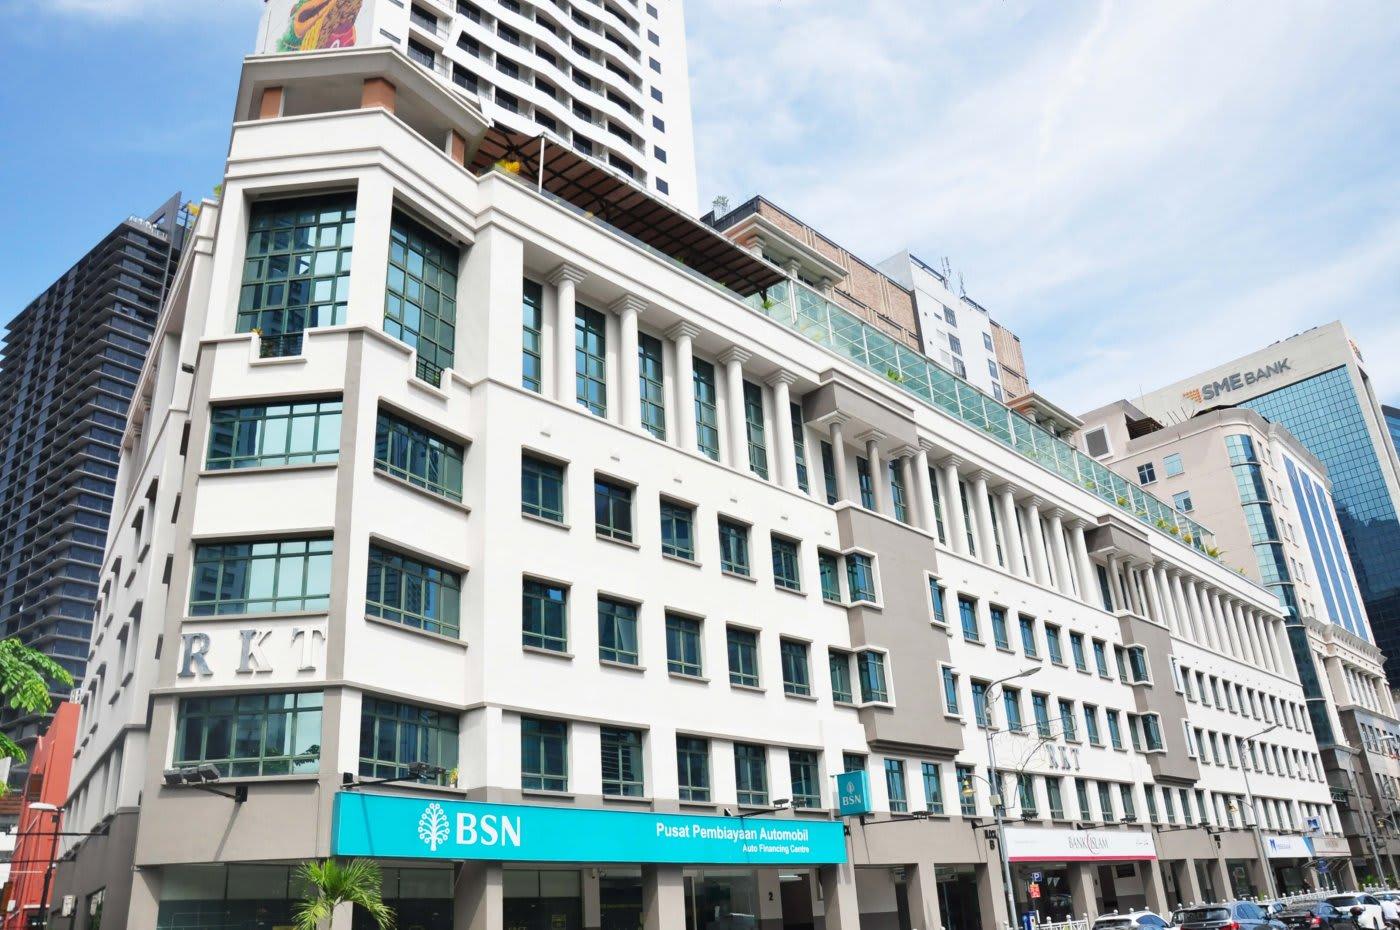 rsm_malaysia_building.jpg